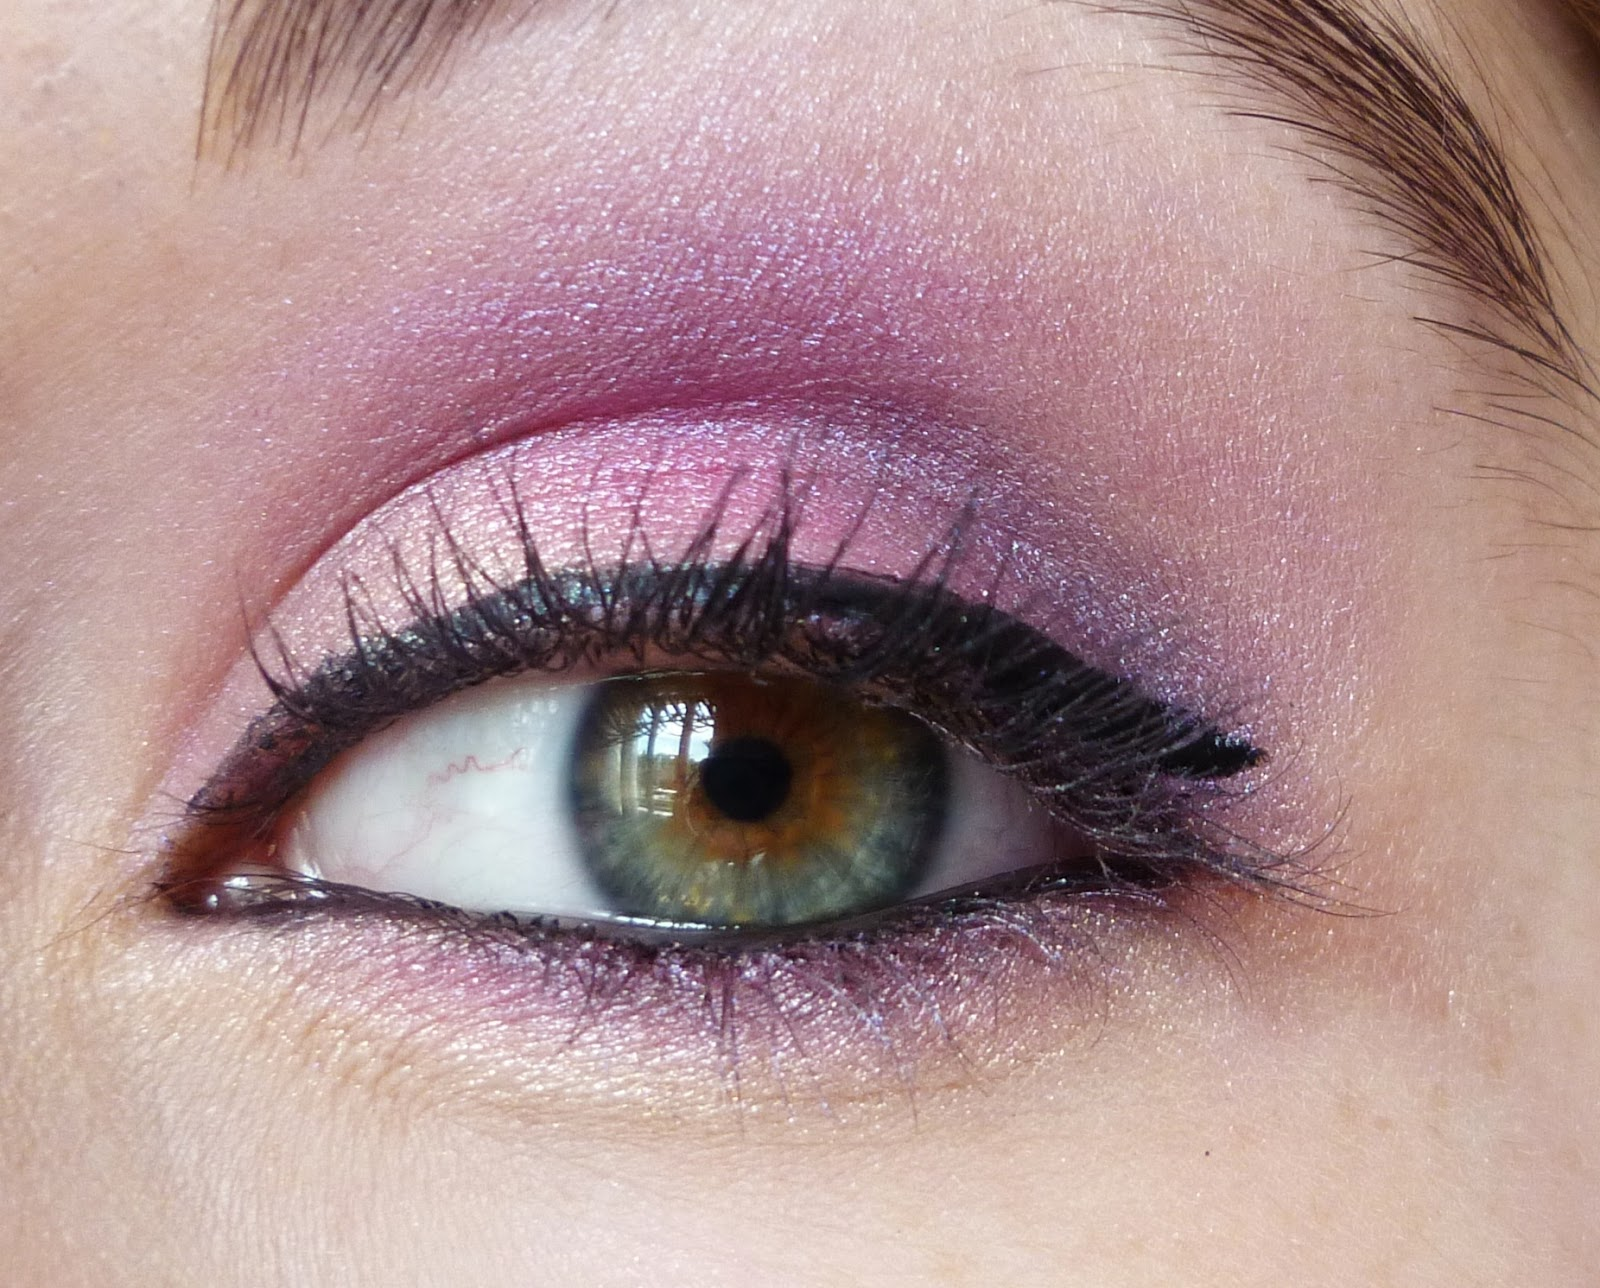 Enfin, la deuxième photo est celle qui est la plus réaliste. Si jamais vous  avez envie de rose flashy vous pouvez retrouver les étapes du maquillage en  bas!